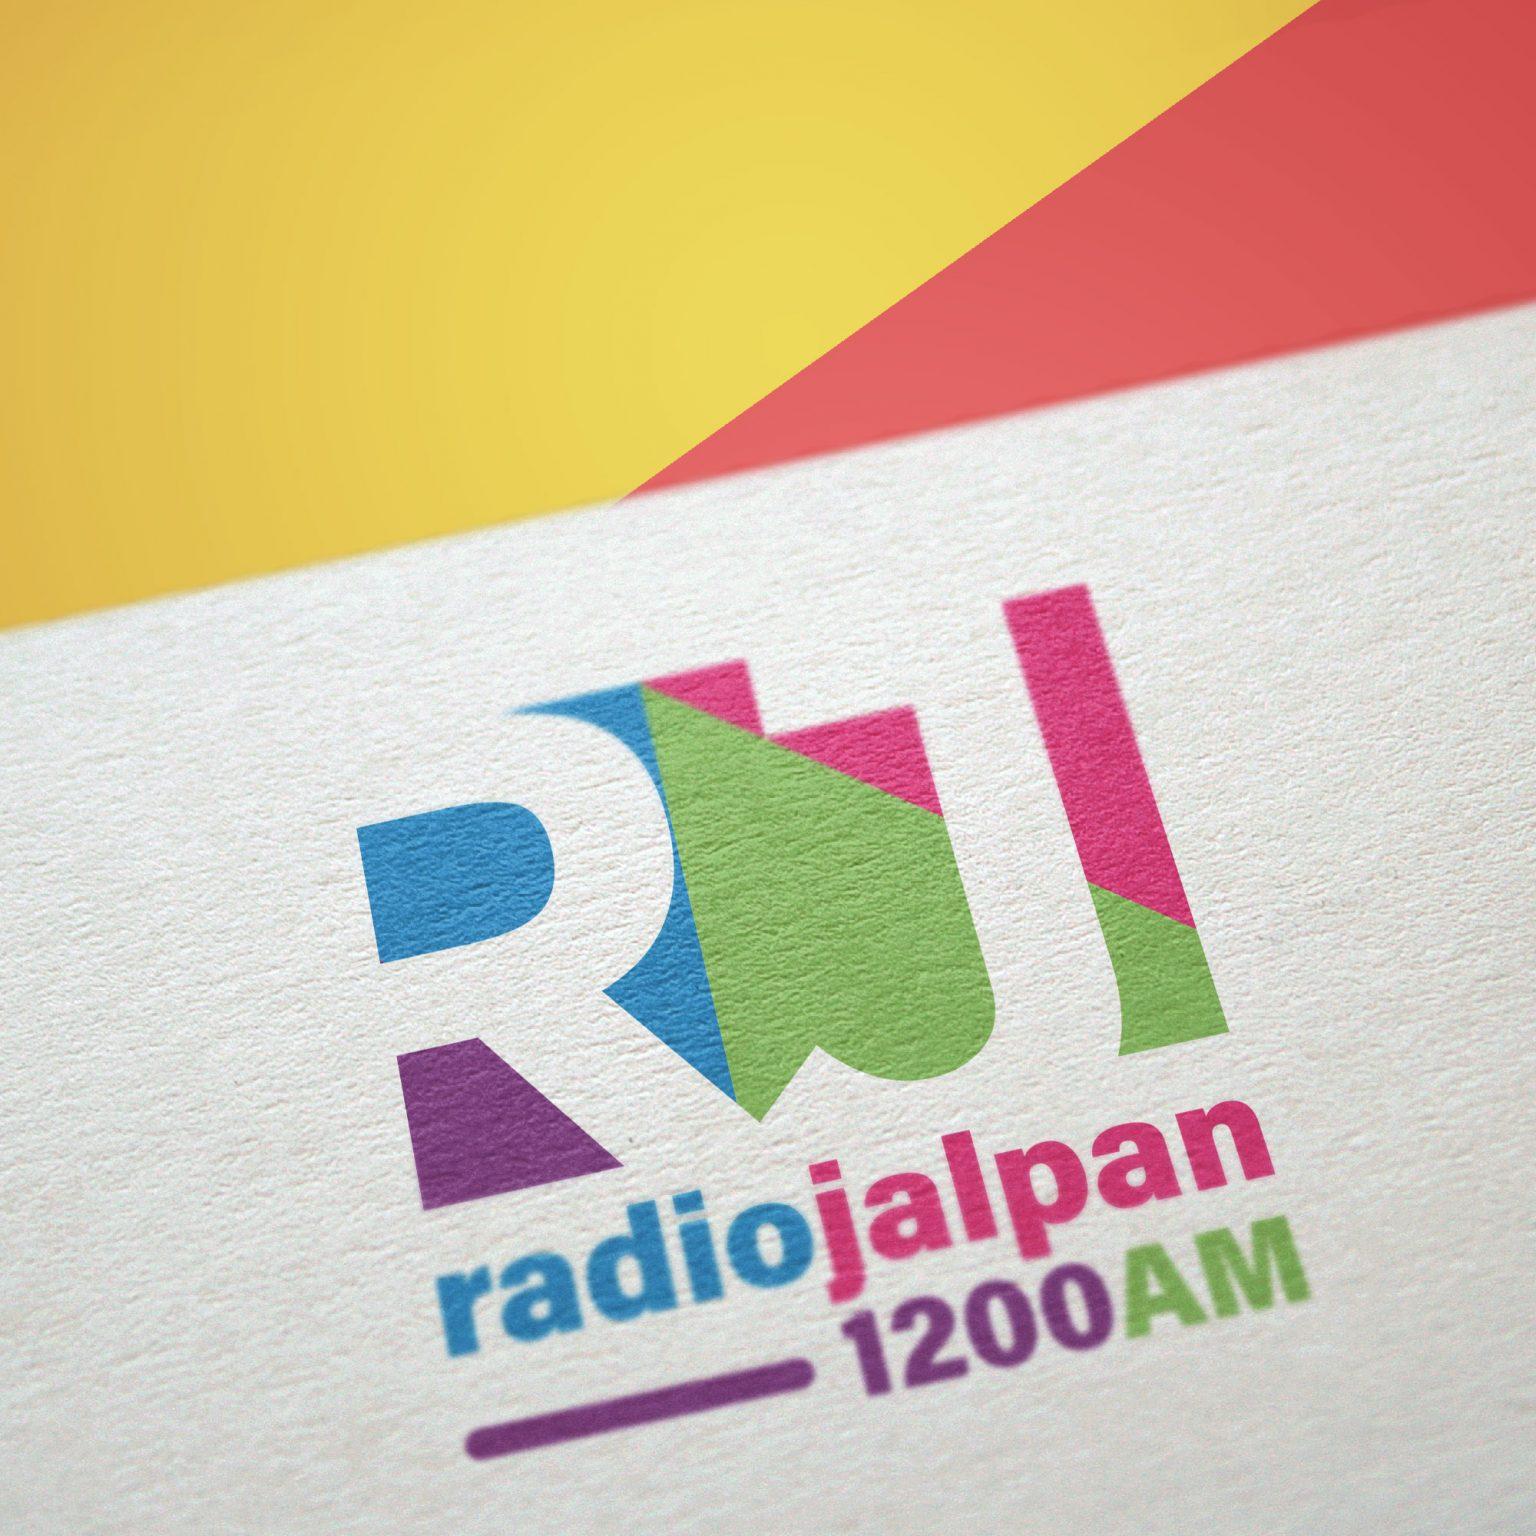 Logotipo Radio Jalpan